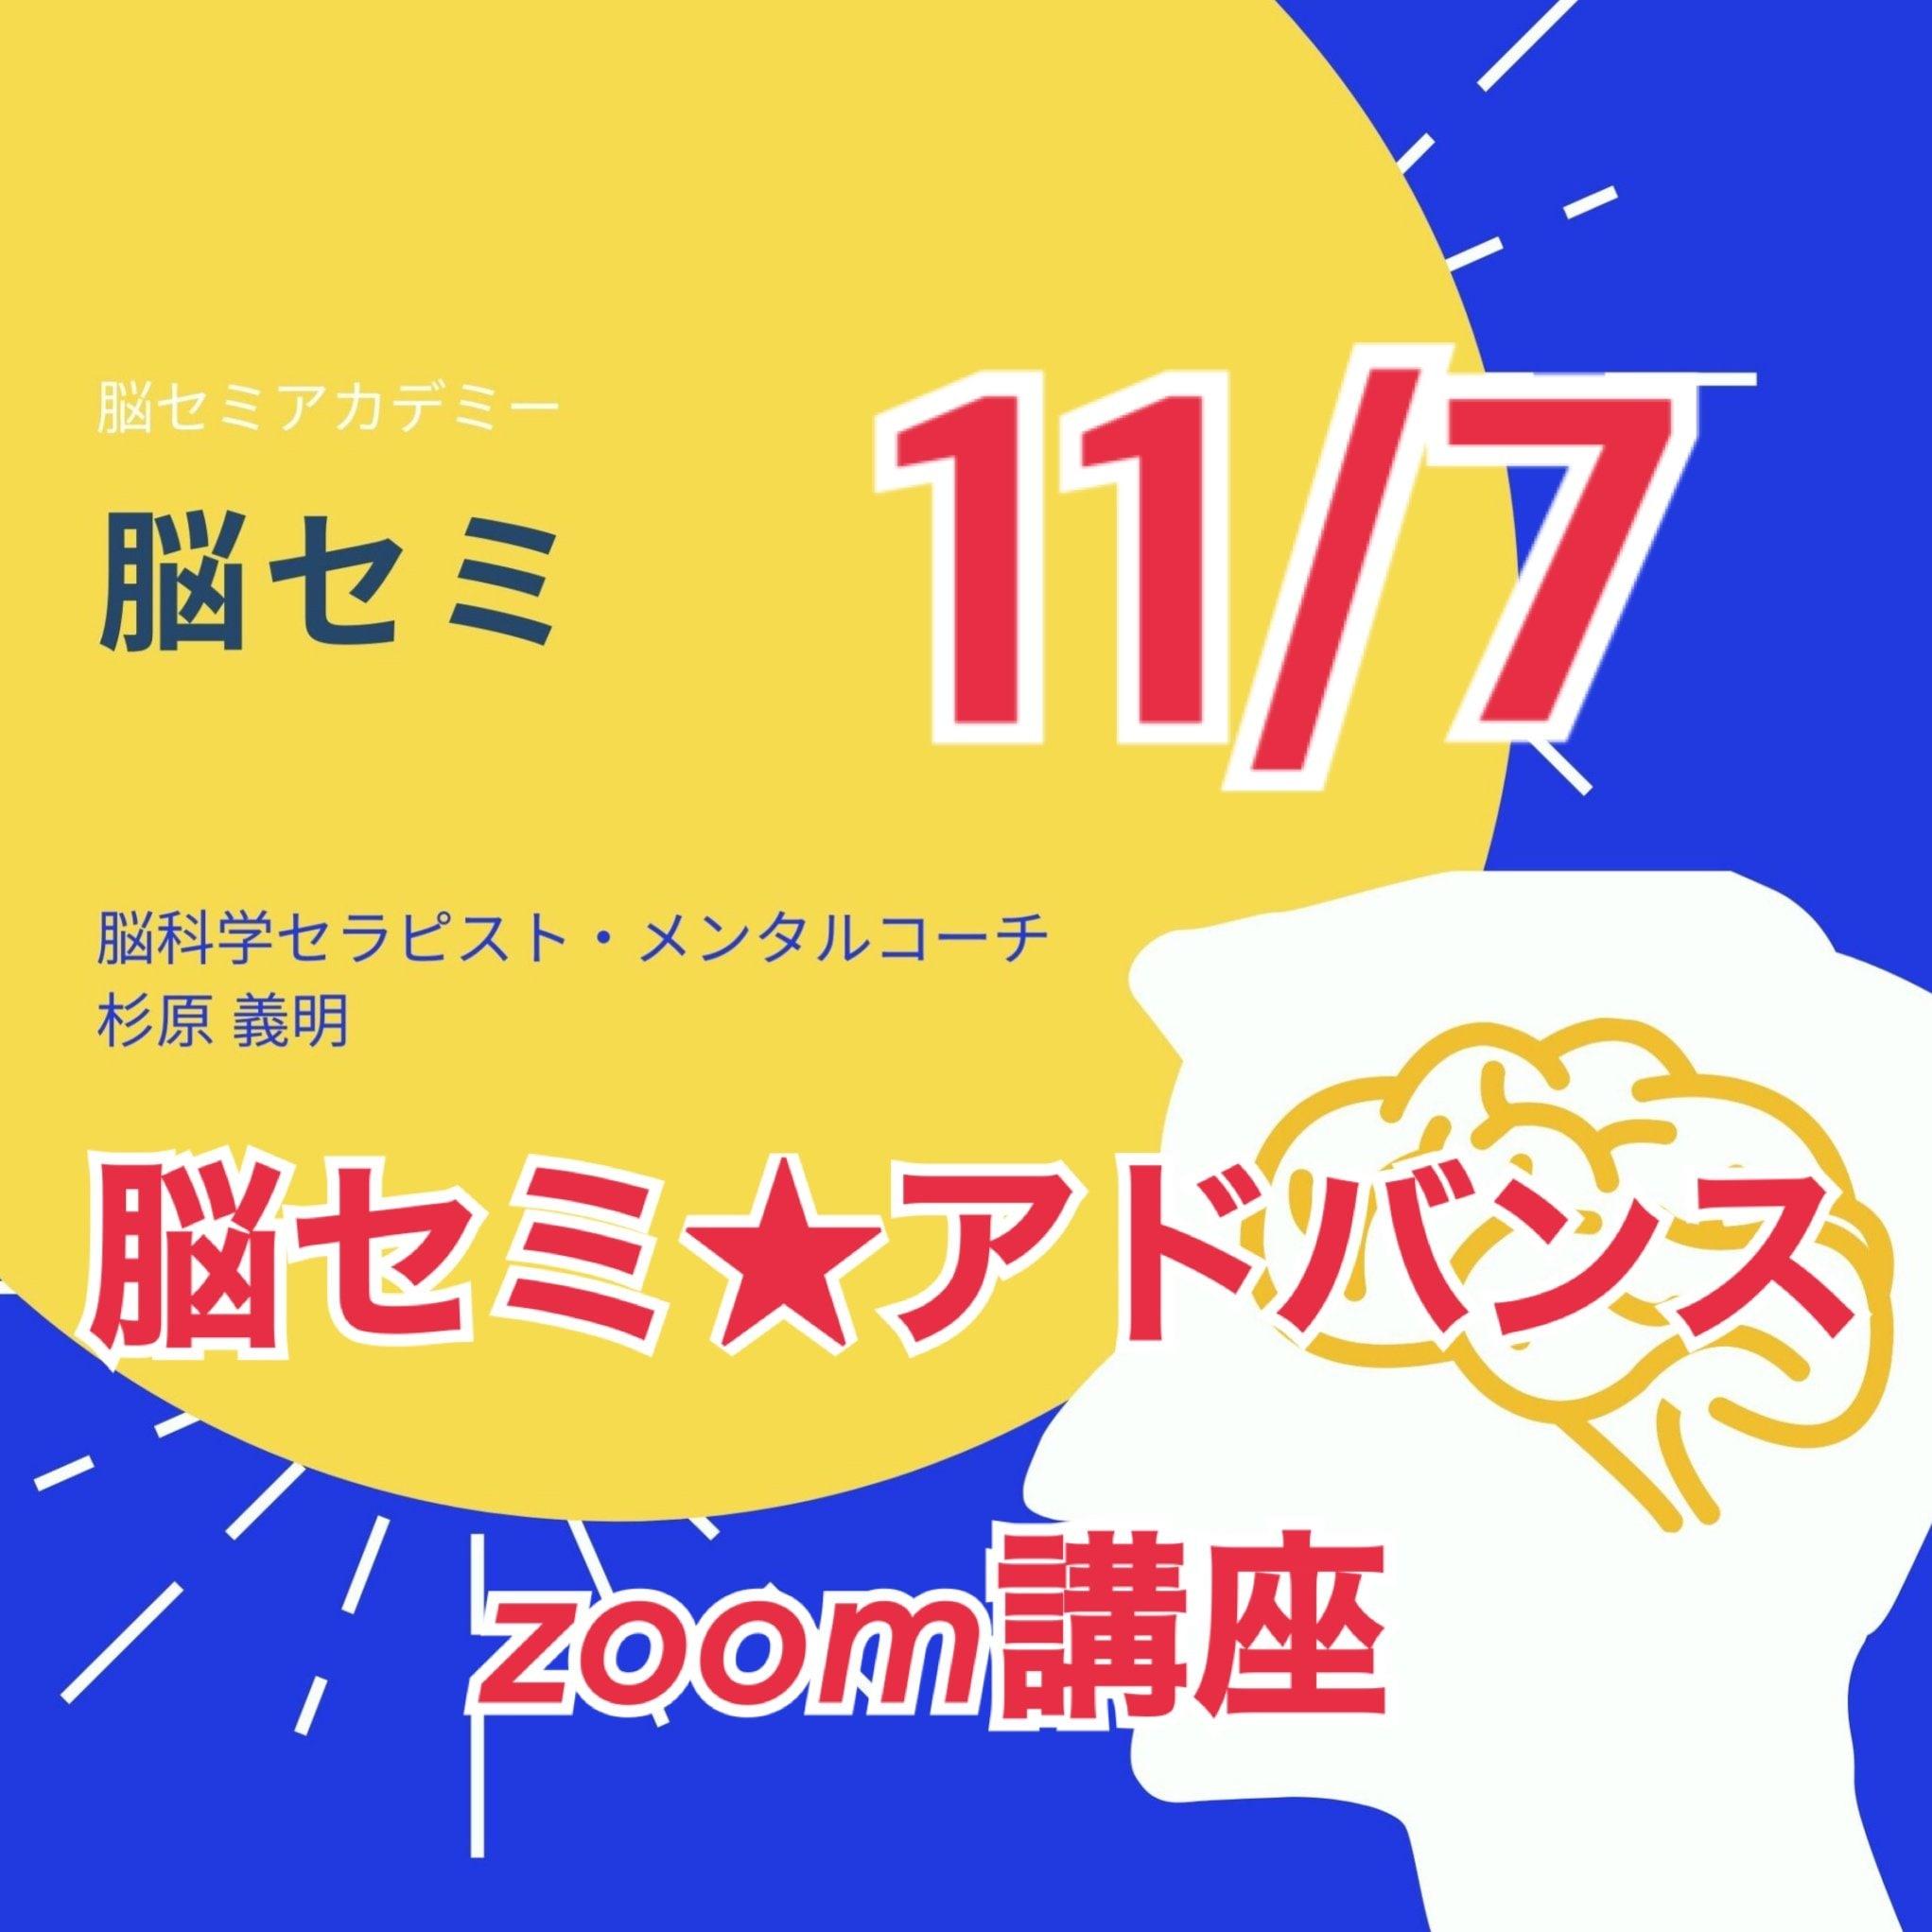 11/7 脳セミ ZOOMオンライン  ベーシック&アドバンス講座のイメージその1